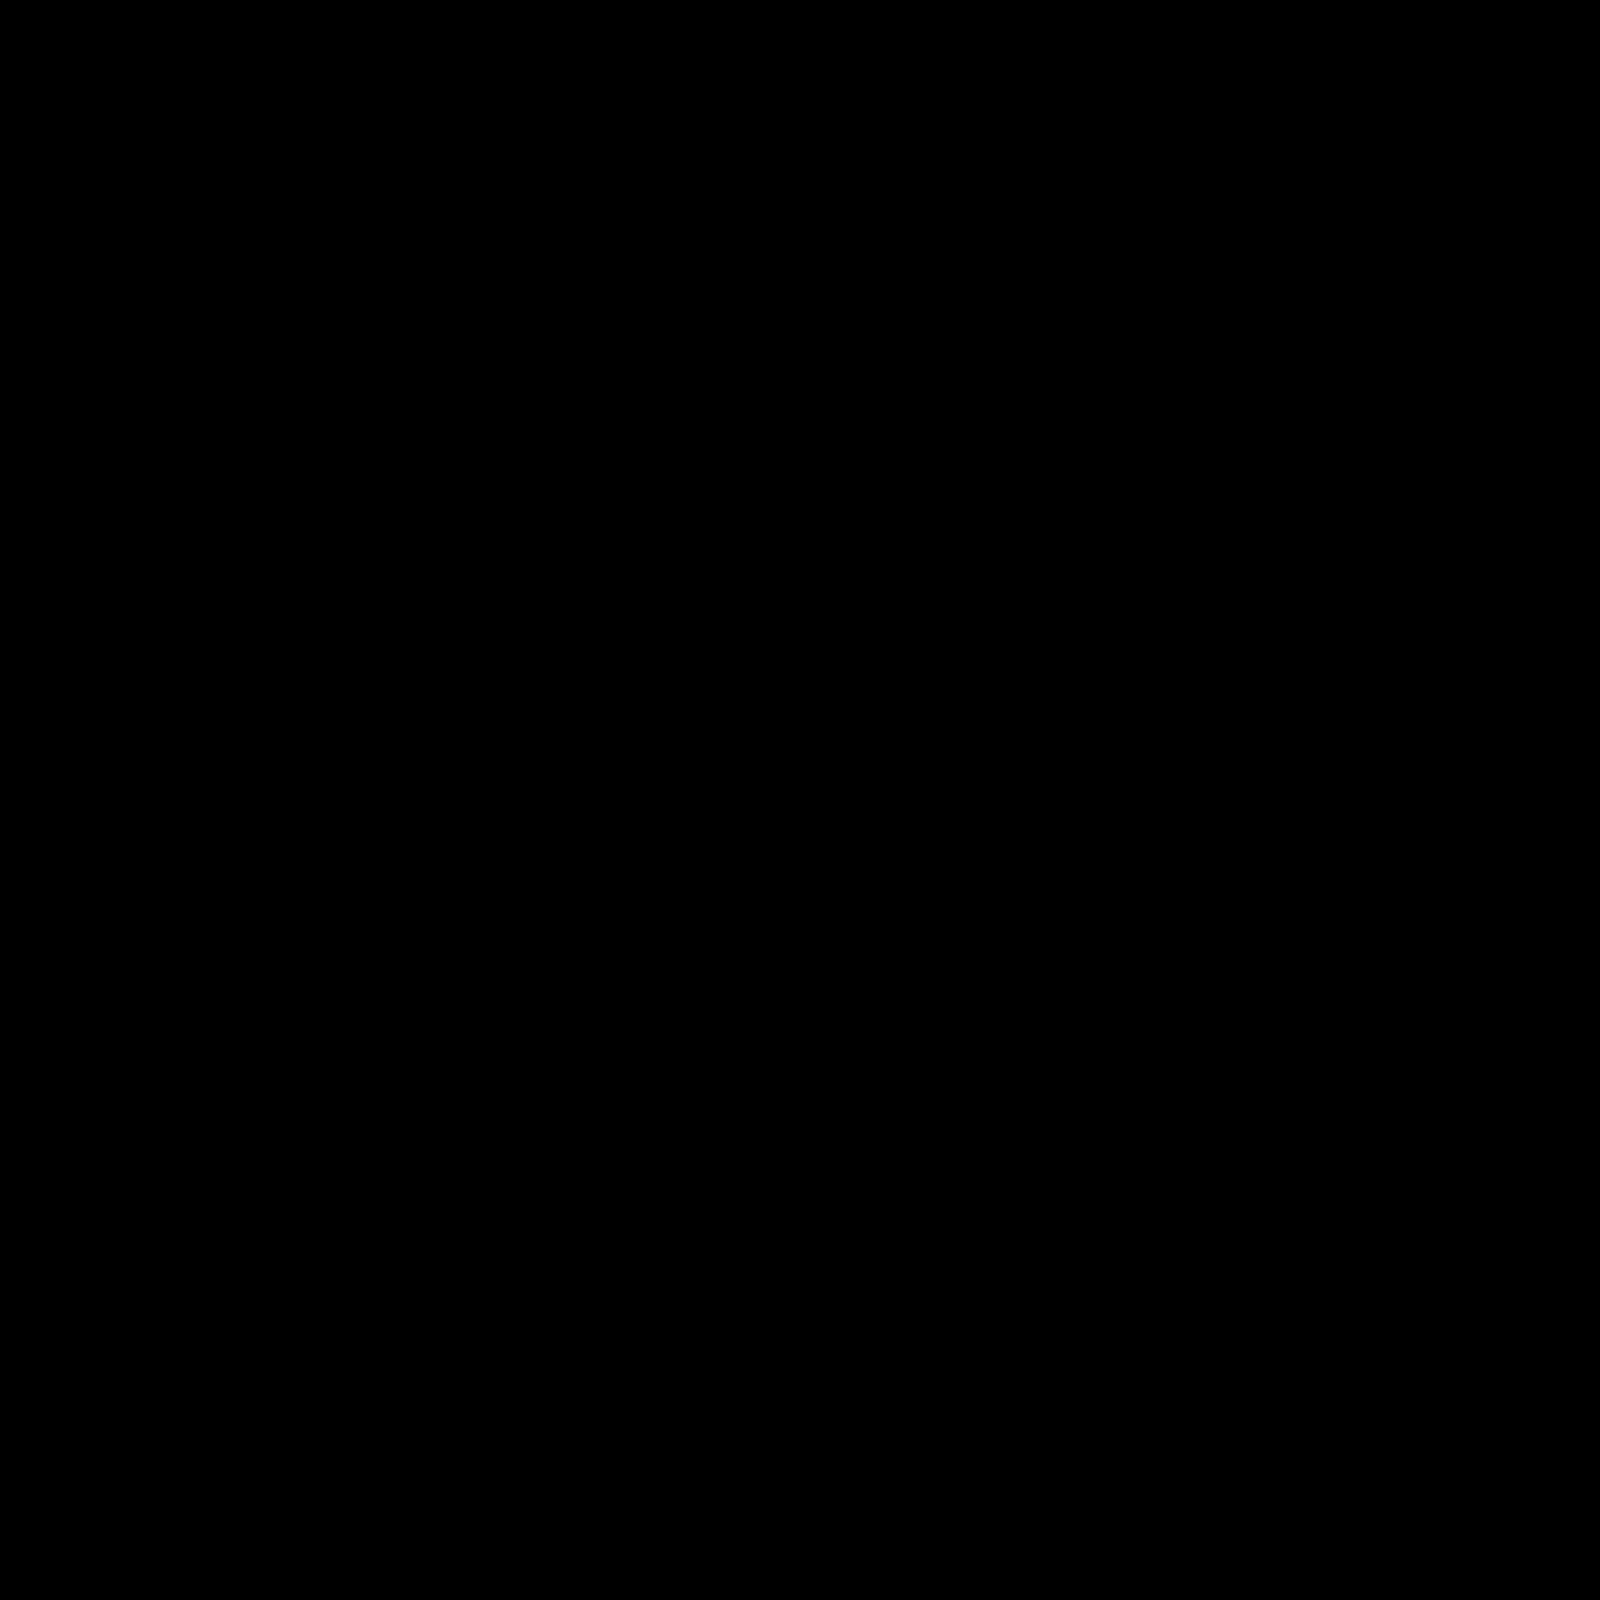 Swim icon kostenloser download. Clipart swimming swimming person